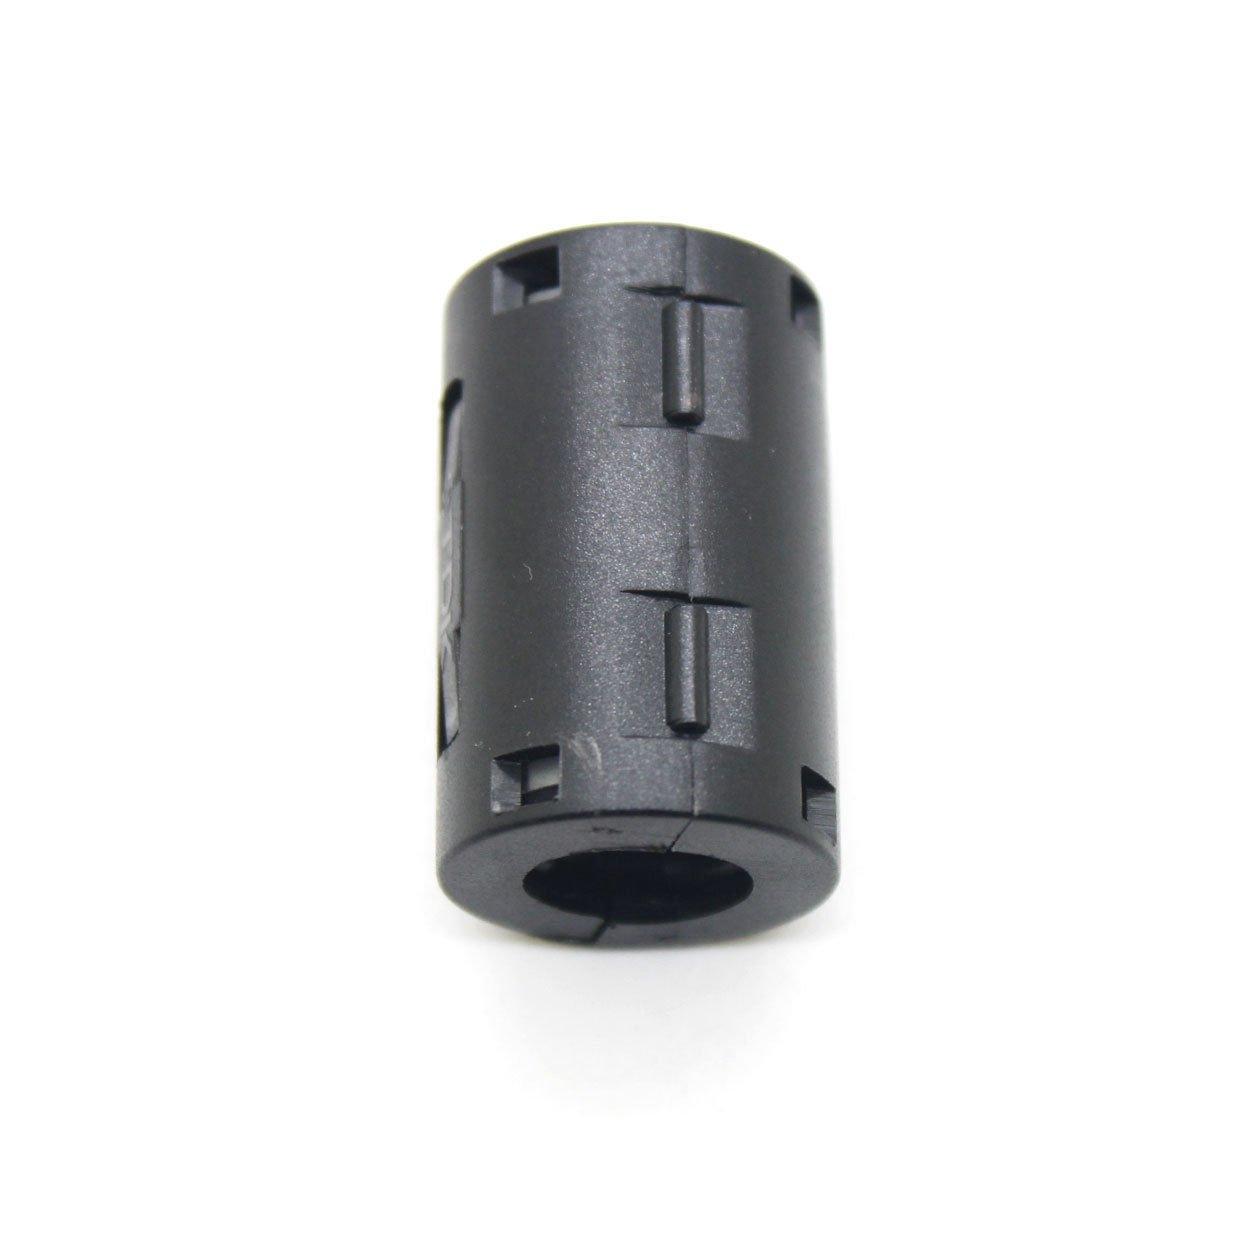 5pcs TDK black Φ11mm Cable Clamp Clip Noise Filters Ferrite Core Case